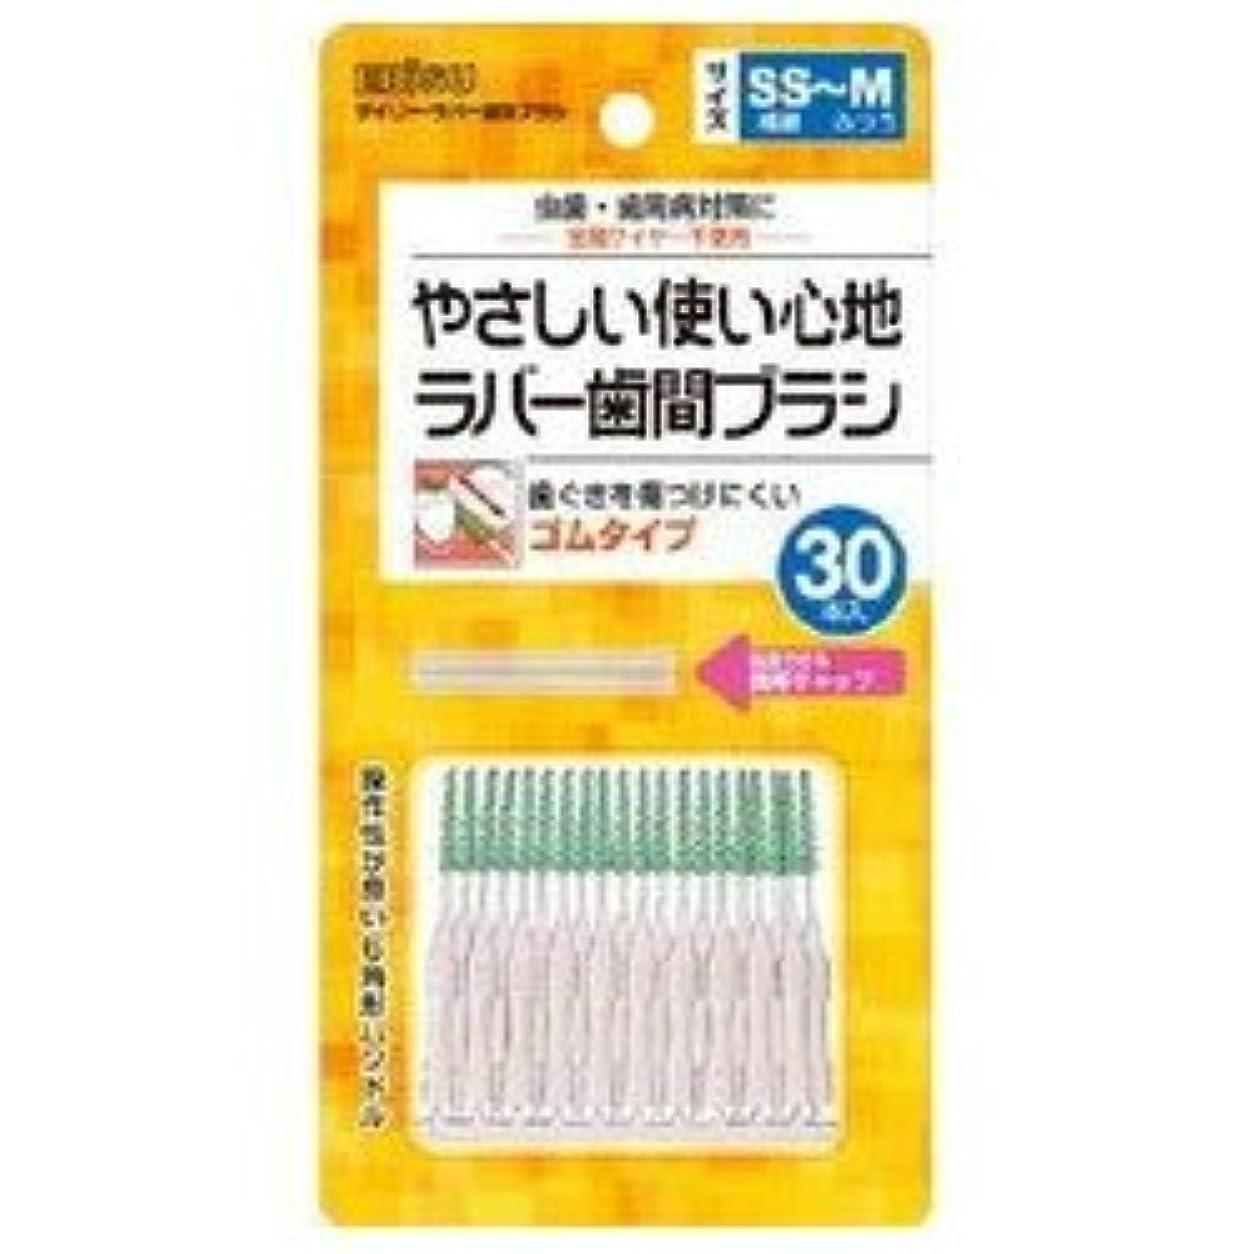 スクラップブック数字幻影【エビス】デイリーラバー 歯間ブラシ SS~M 30本入 ×10個セット